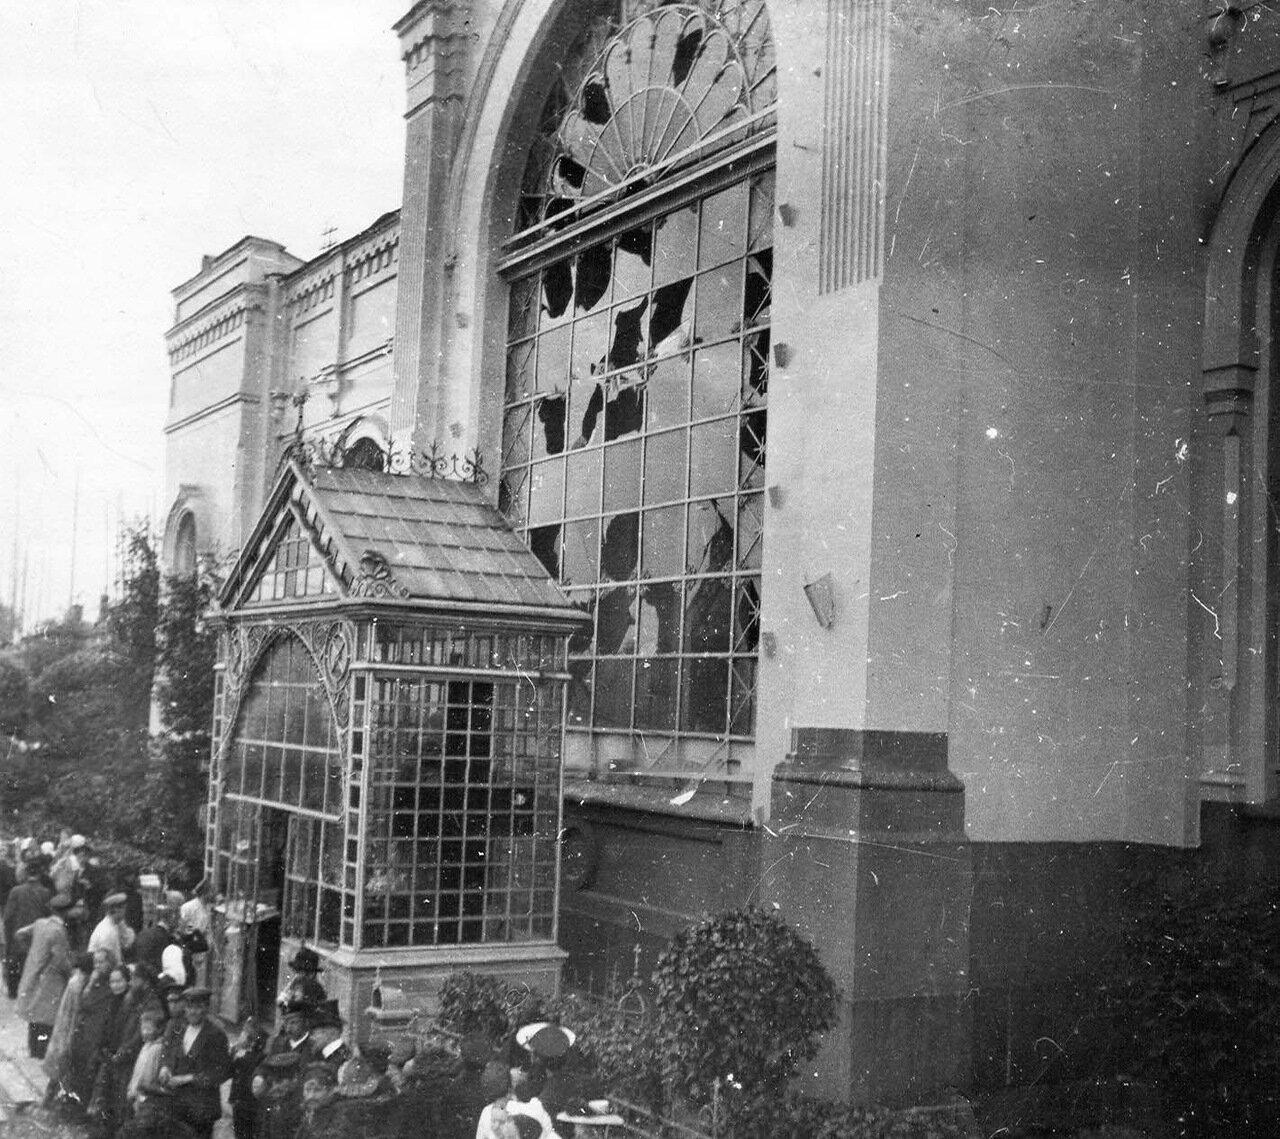 04. Вид фасада вокзала после взрыва бомбы